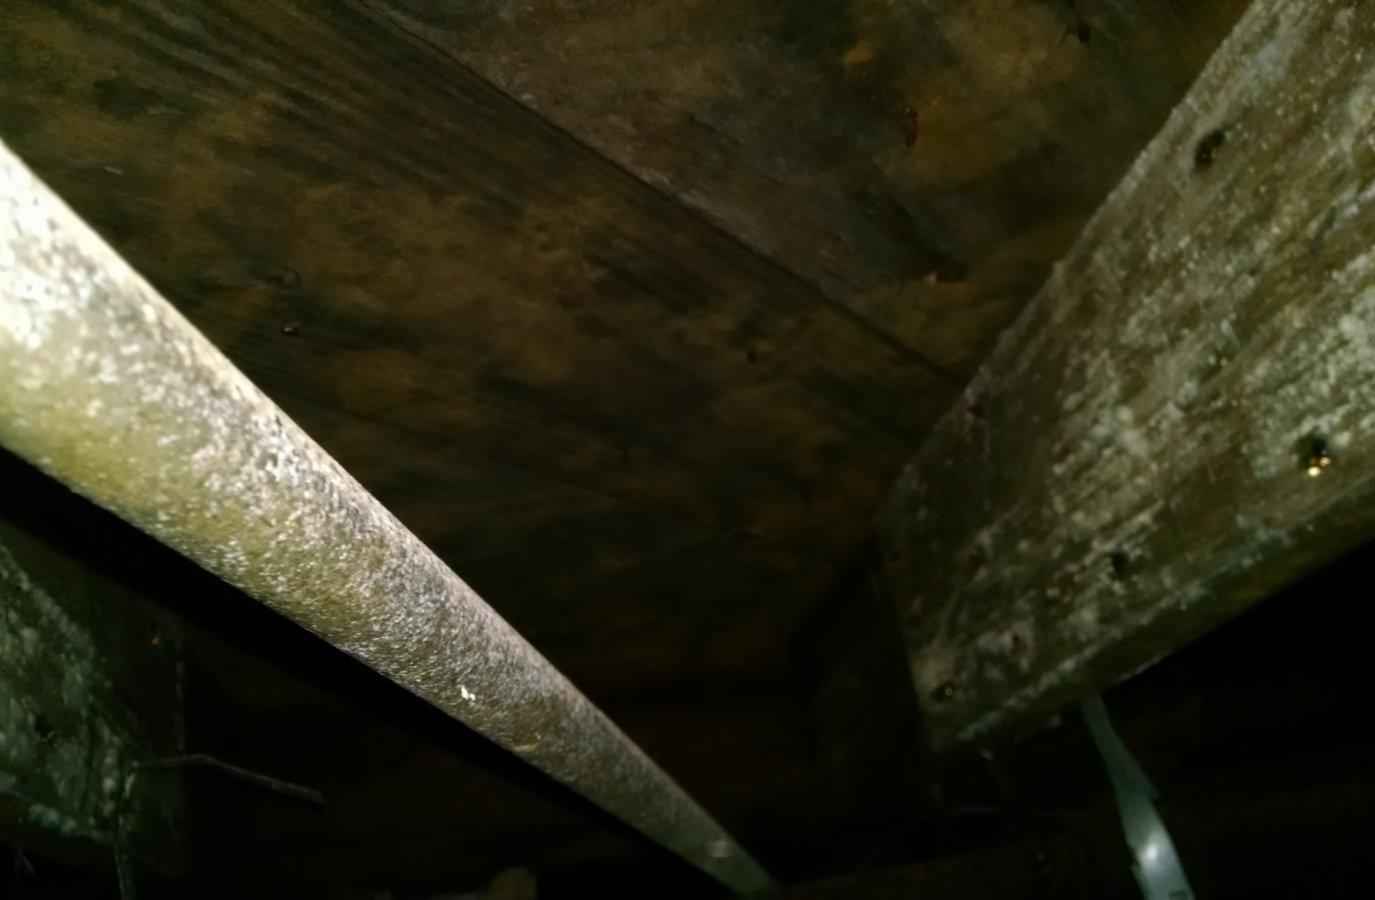 White mold crawlspace